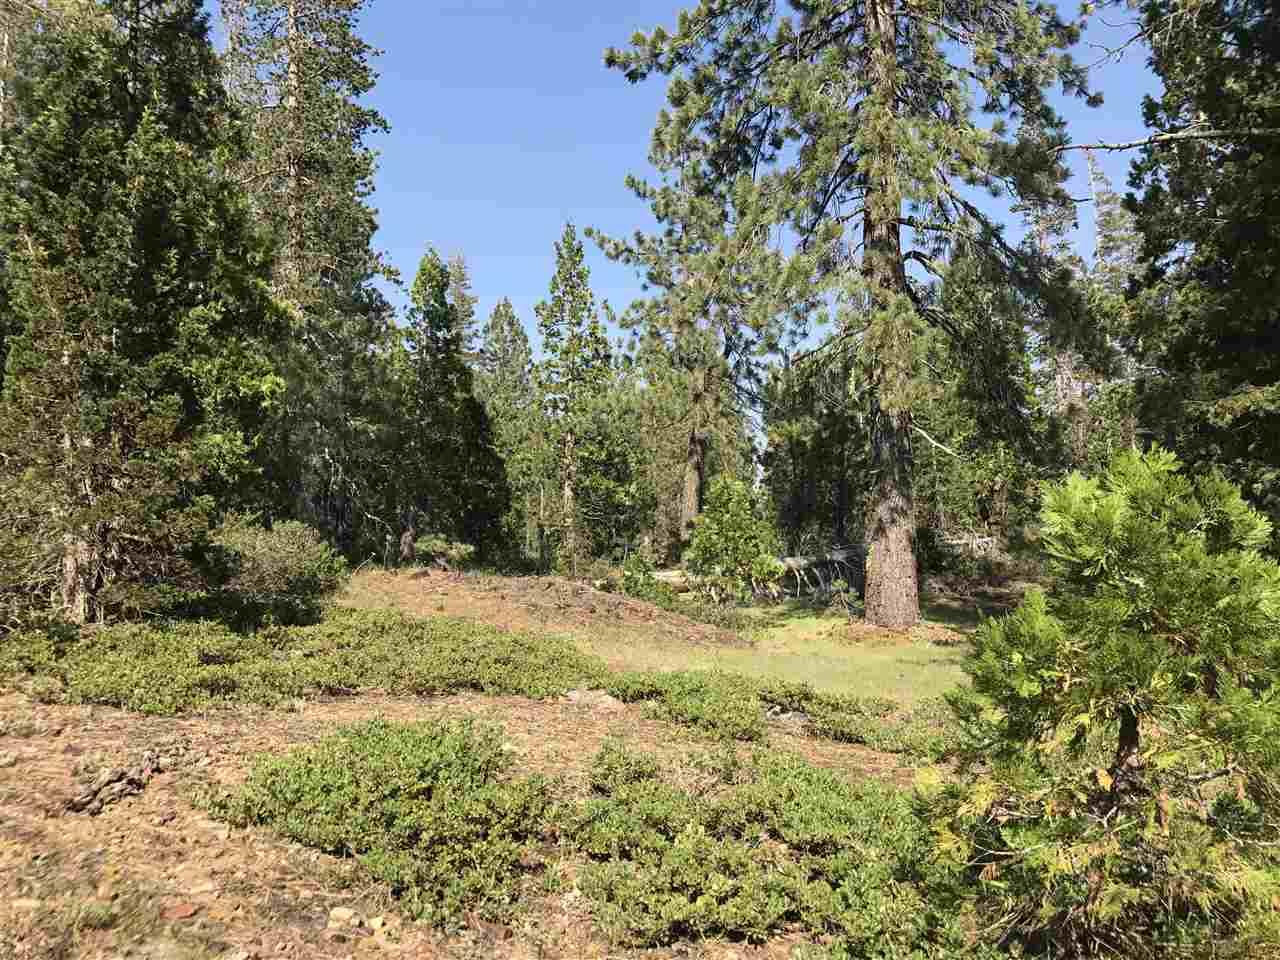 Image for 000 Cisco Road, Emigrant Gap, CA 95715